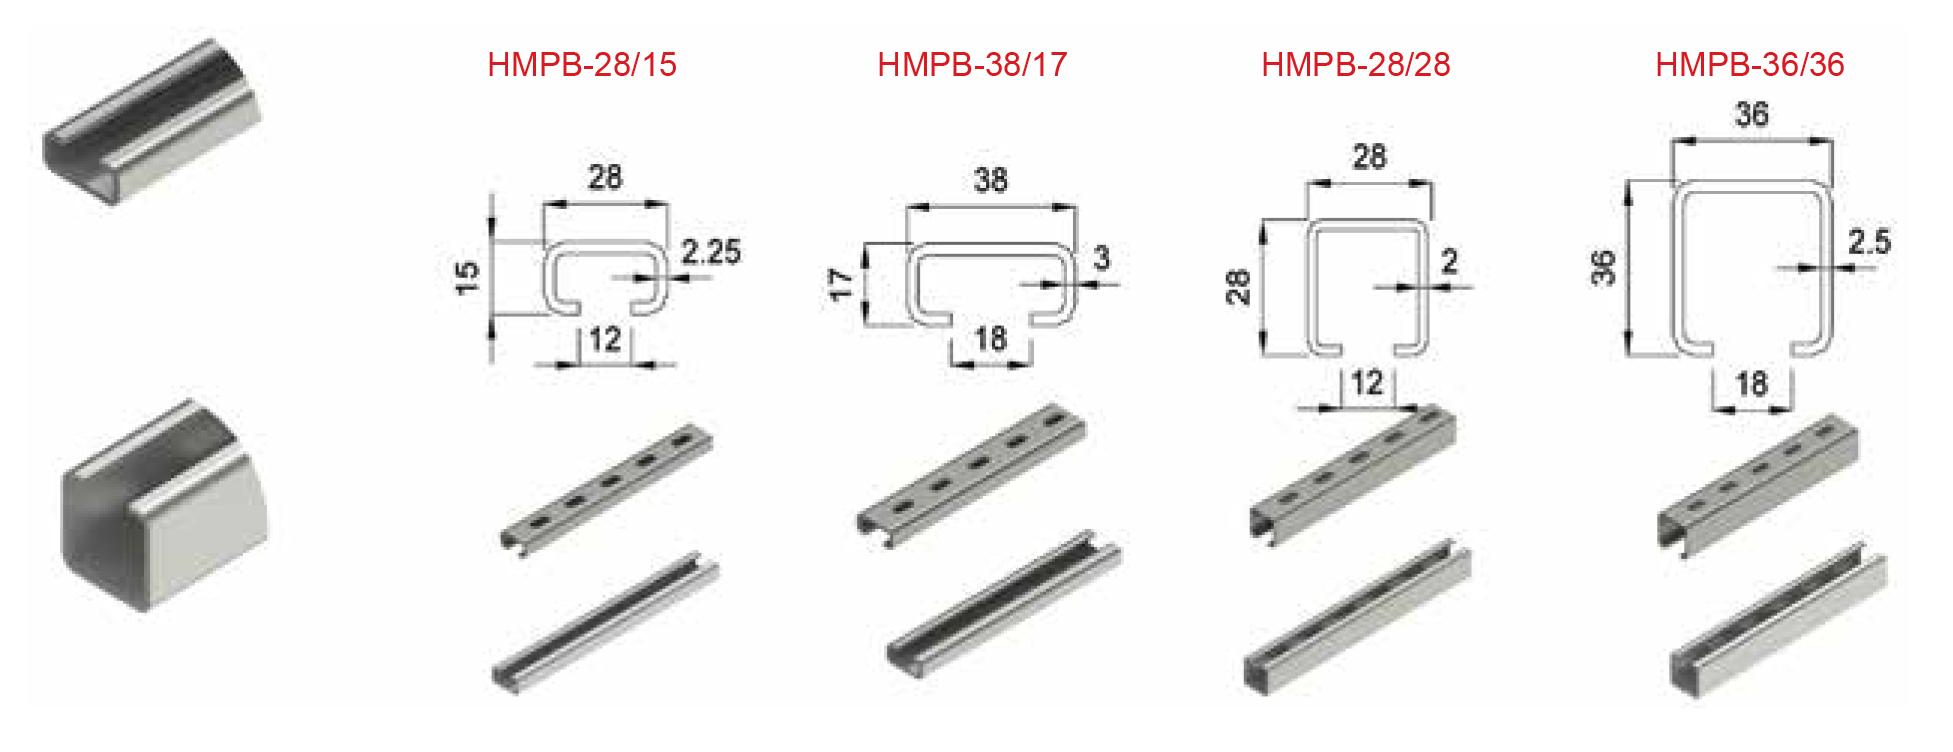 HMPB C channels